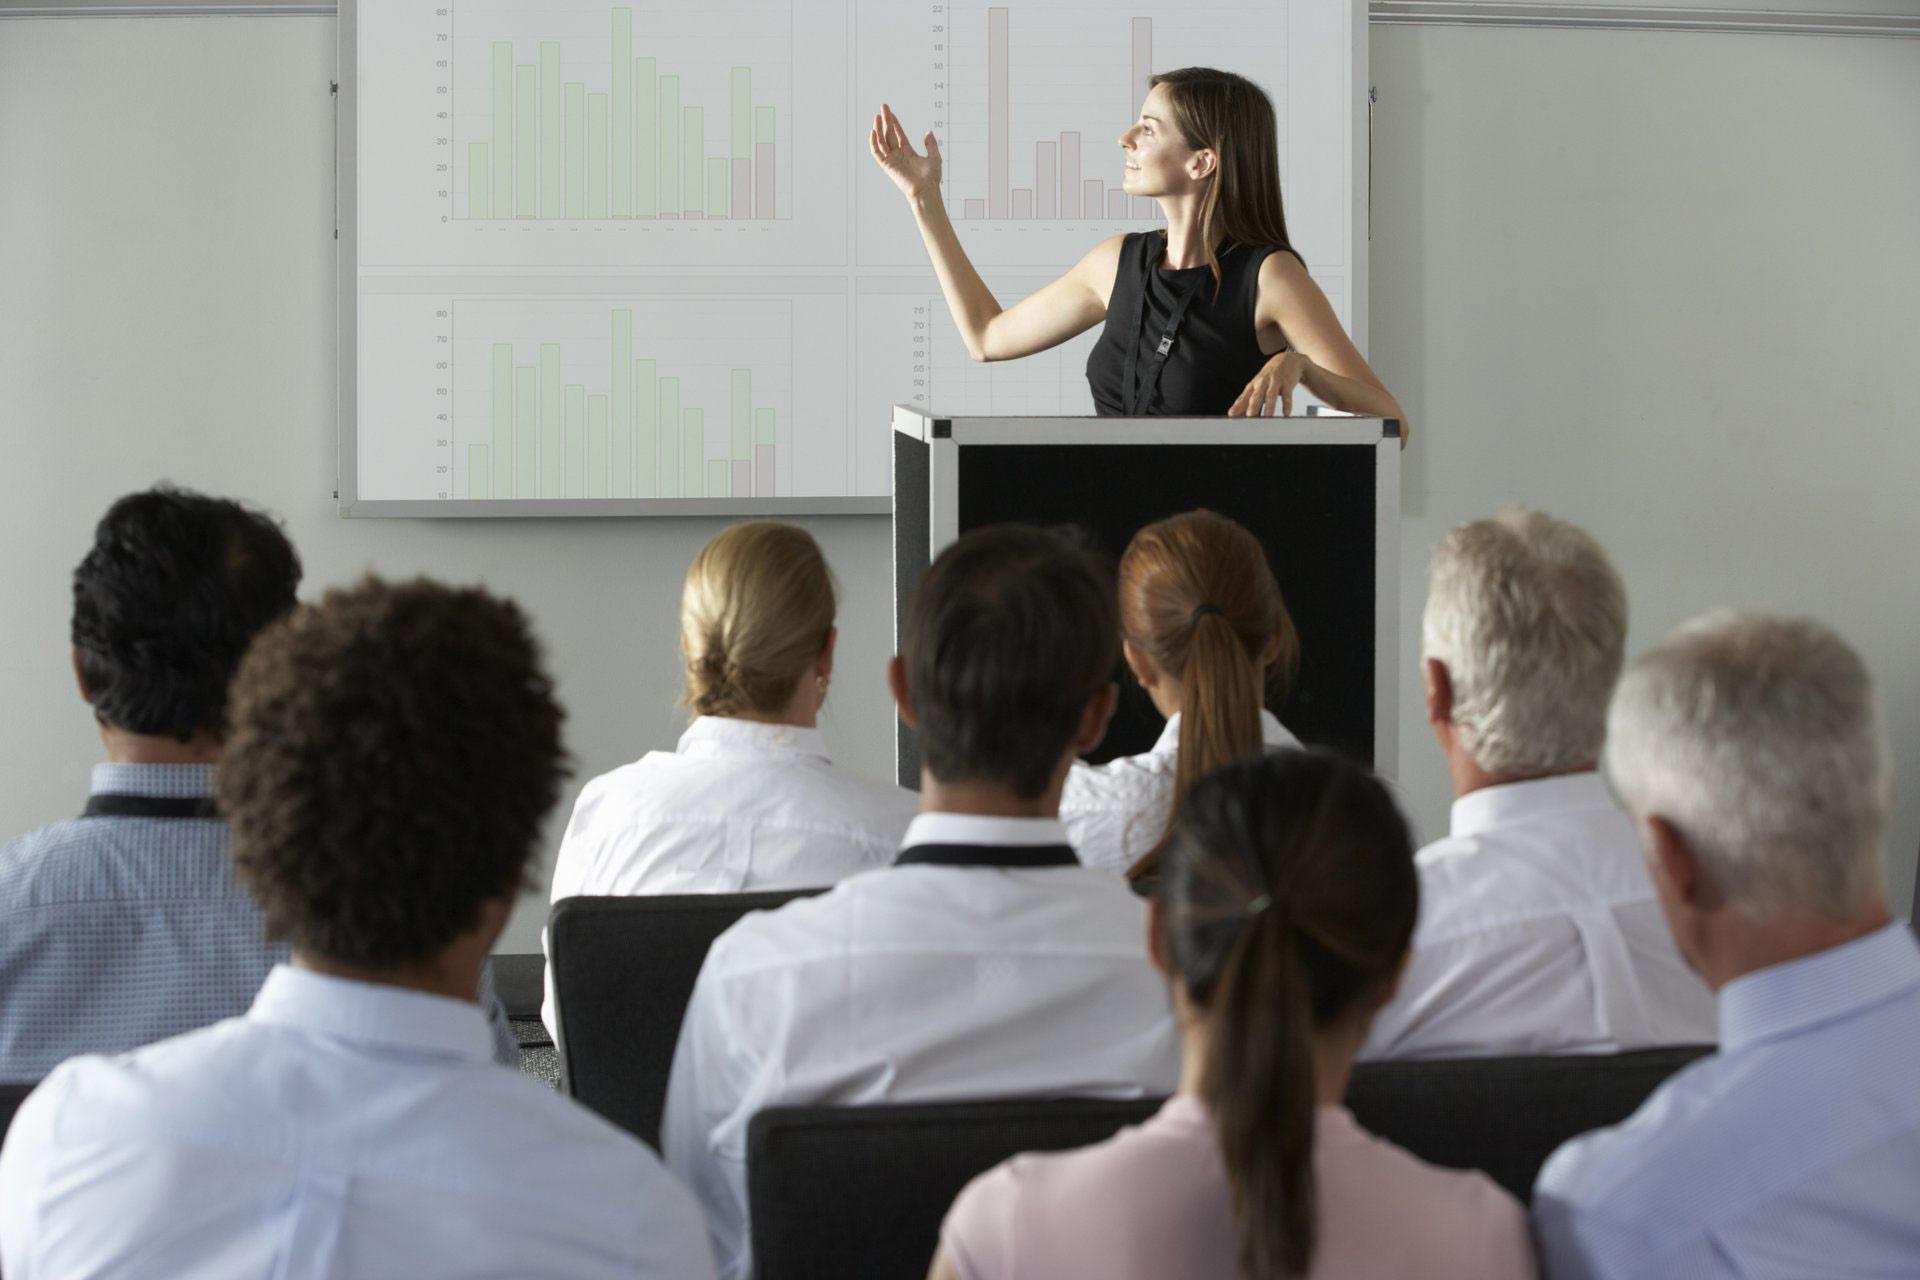 Выступления на конференциях: выгоды для спикеров